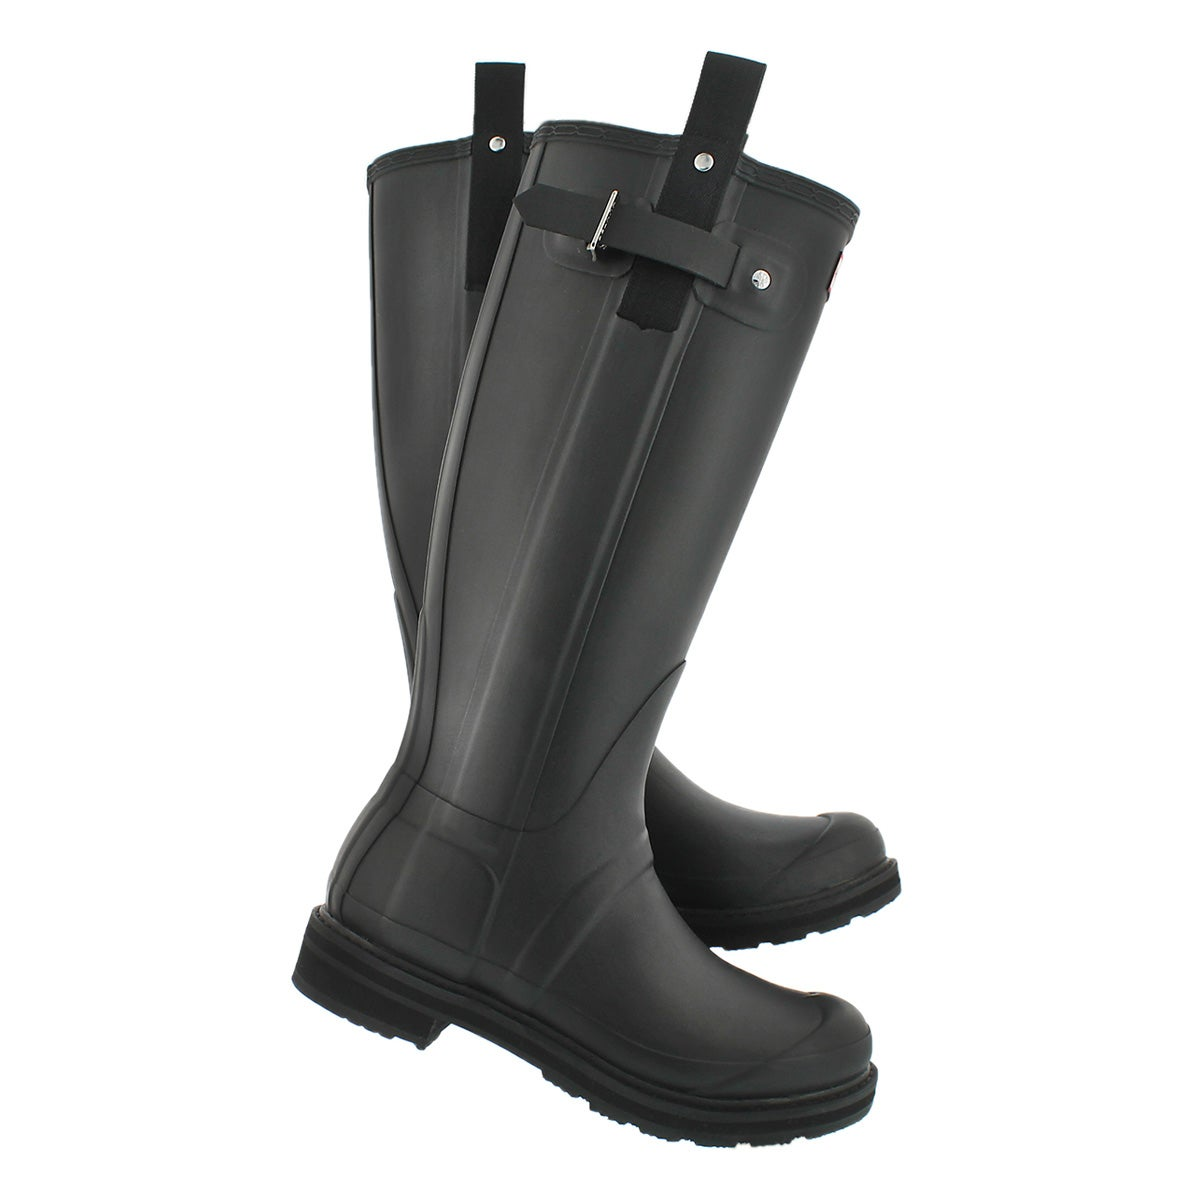 Lds Pulltab Lightweight blk rain boot